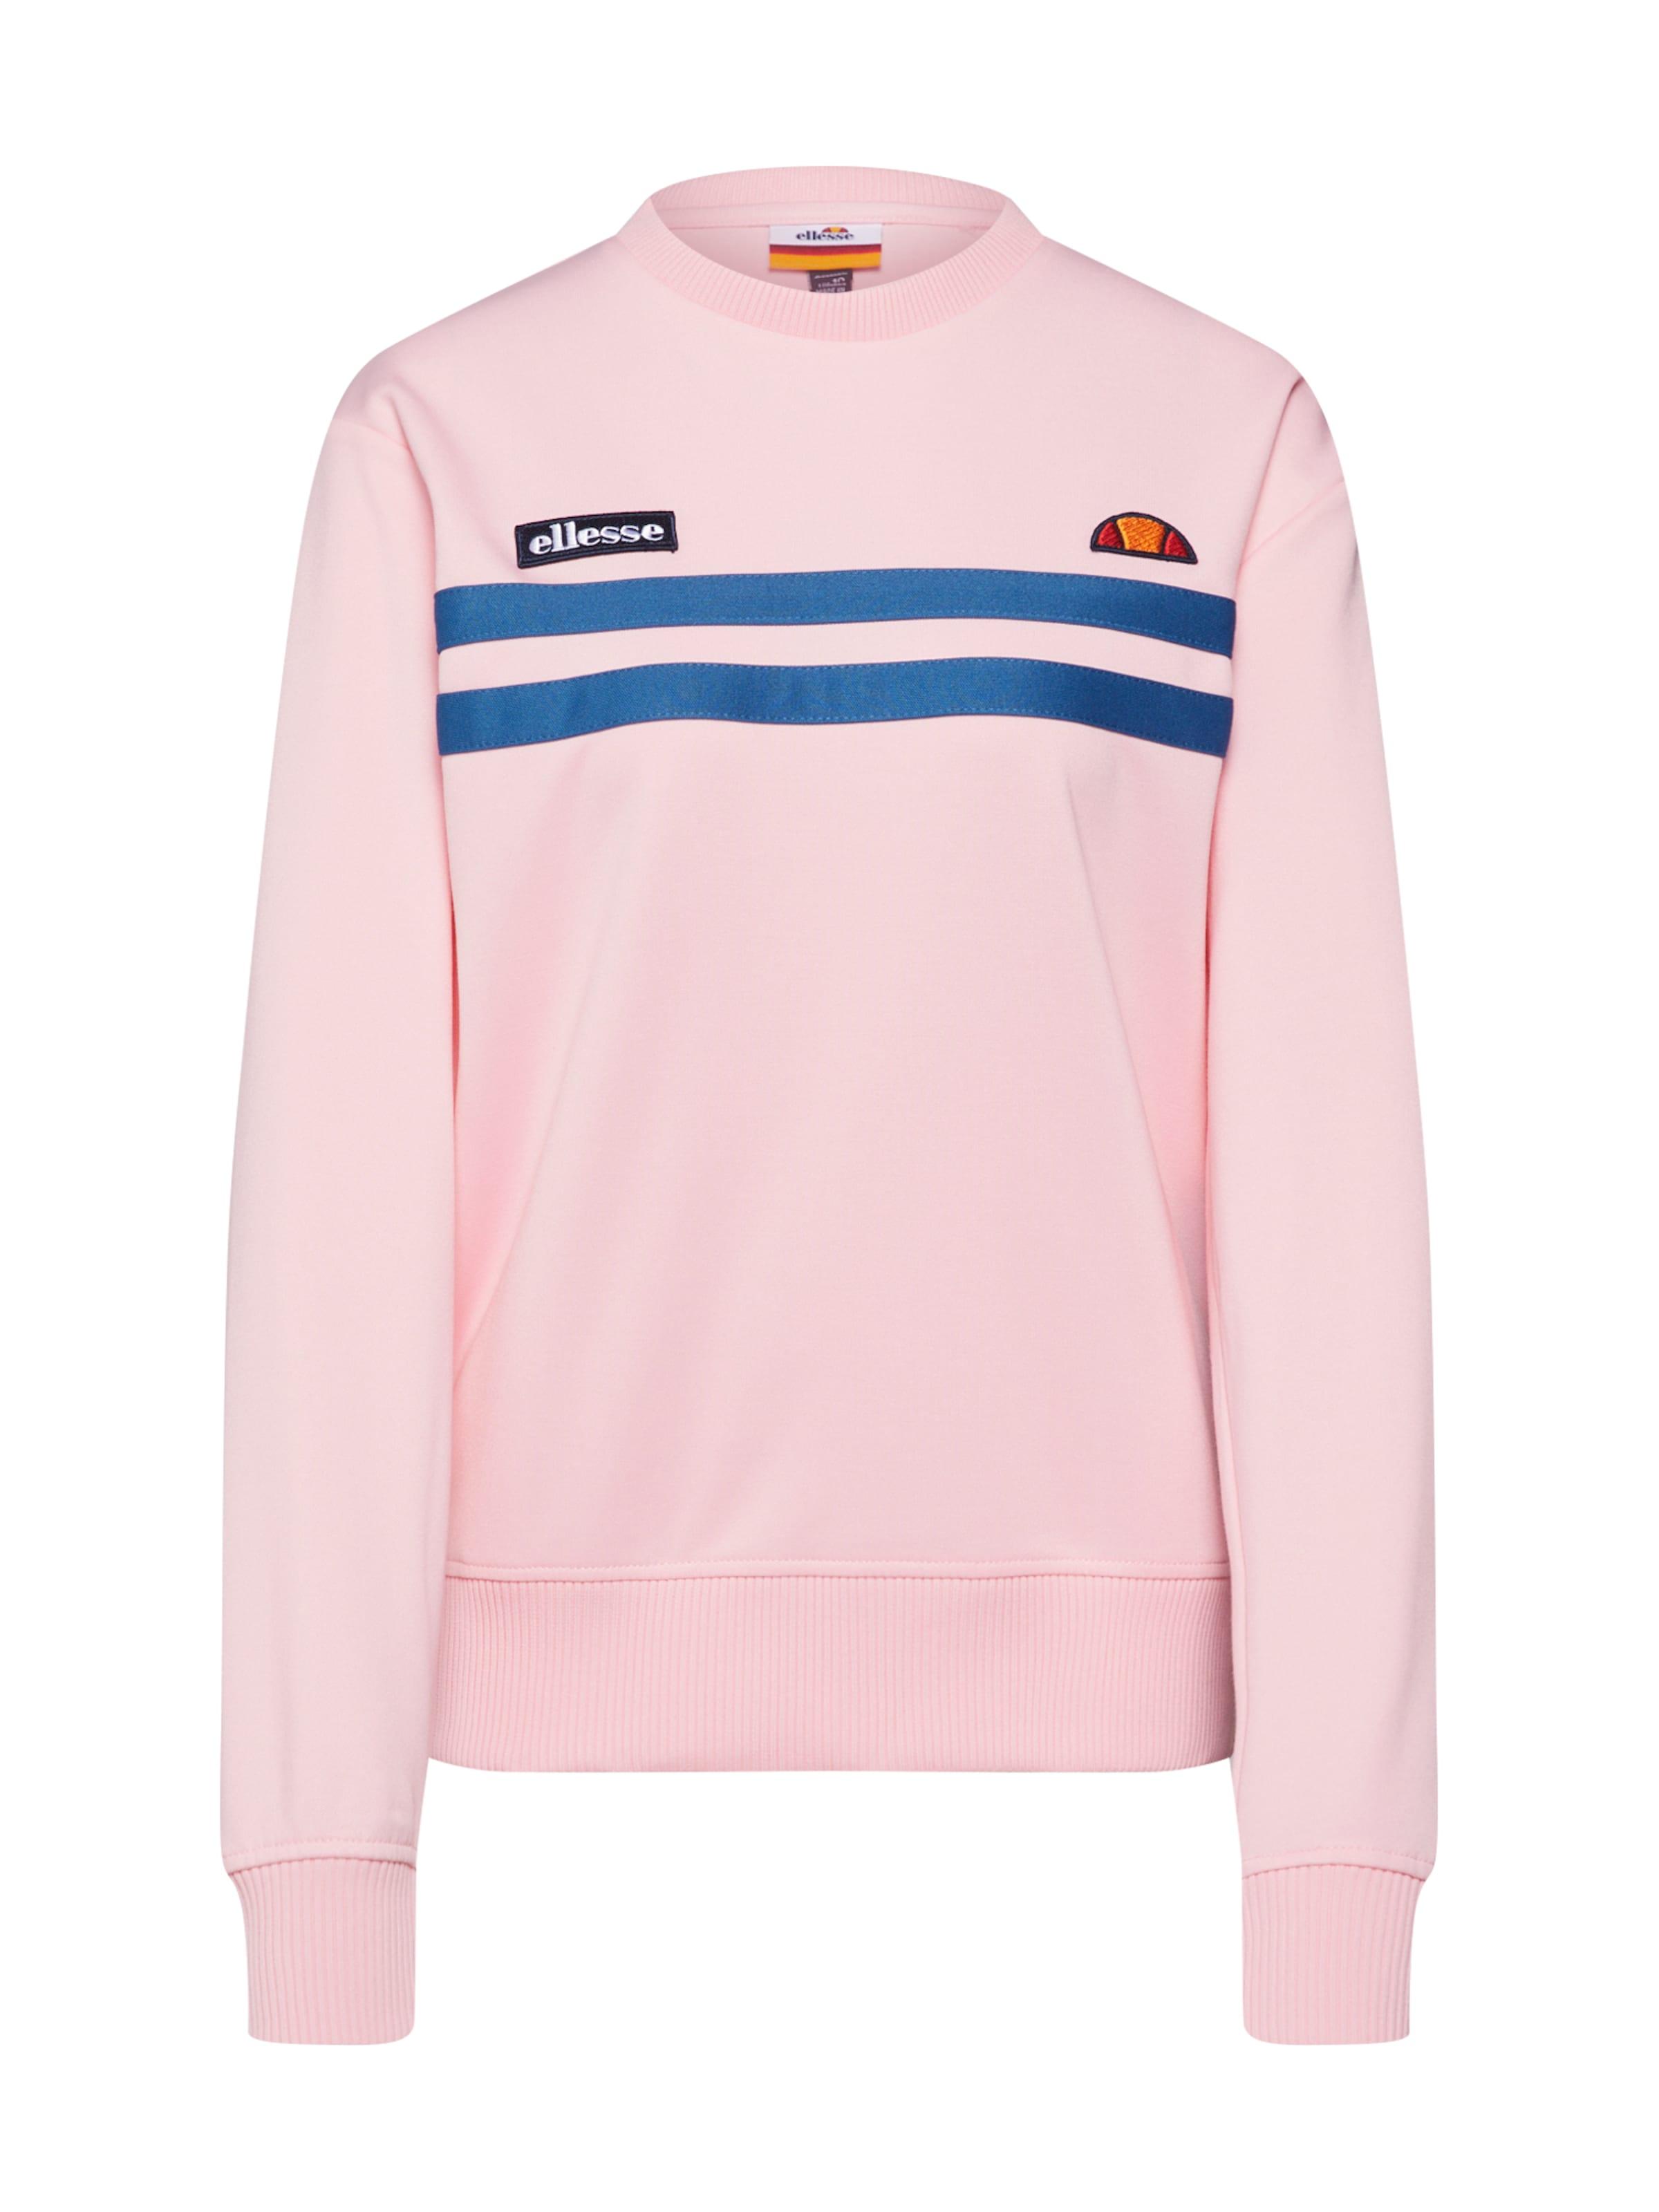 Ellesse Sweatshirt In Sweatshirt Ellesse In Rosa 'taria' 'taria' 'taria' Rosa Ellesse Sweatshirt OkTlPZiwXu